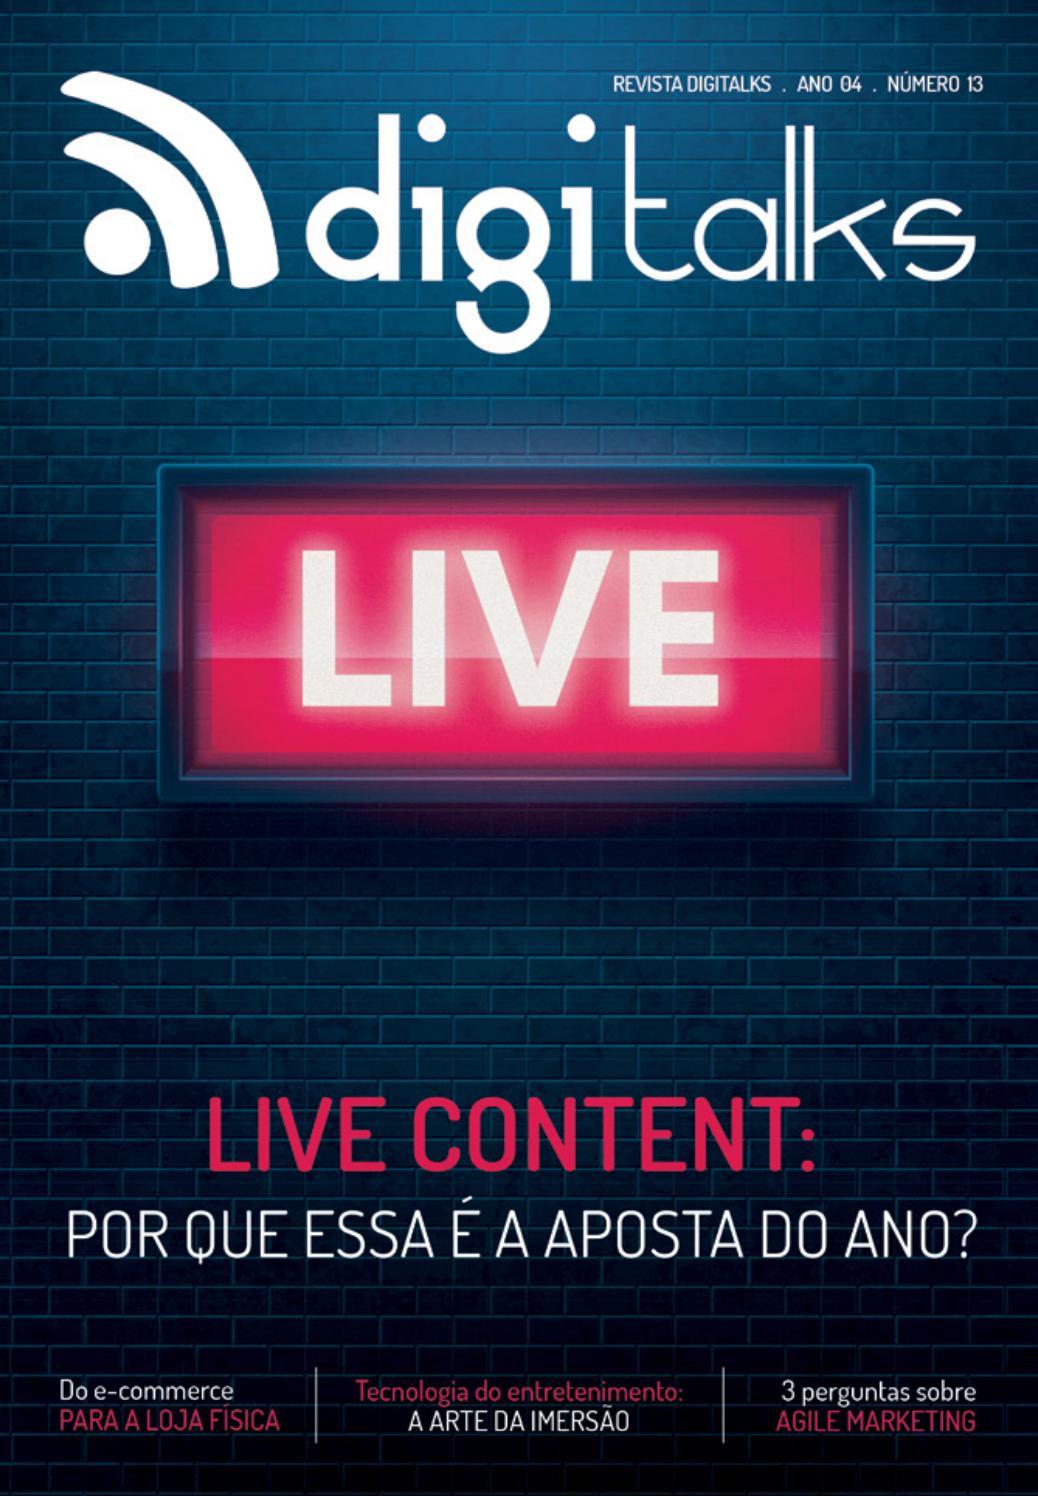 Revista Digitalks - Edição 13 by Digitalks - issuu b92cca03a1